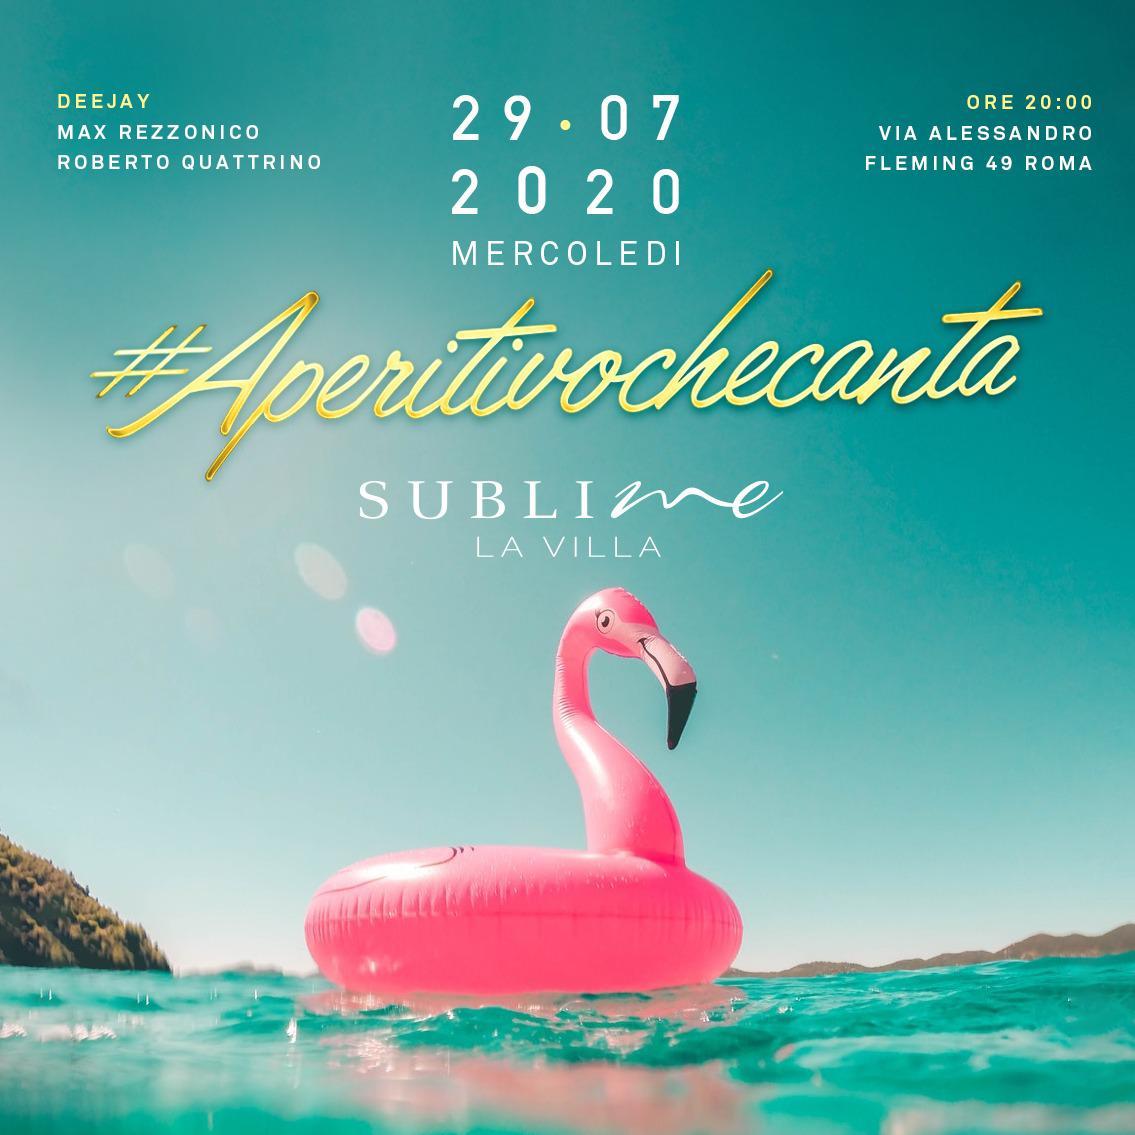 Aperitivo che canta mercoledì 29 Luglio 2020 @ La Villa Sublime Roma